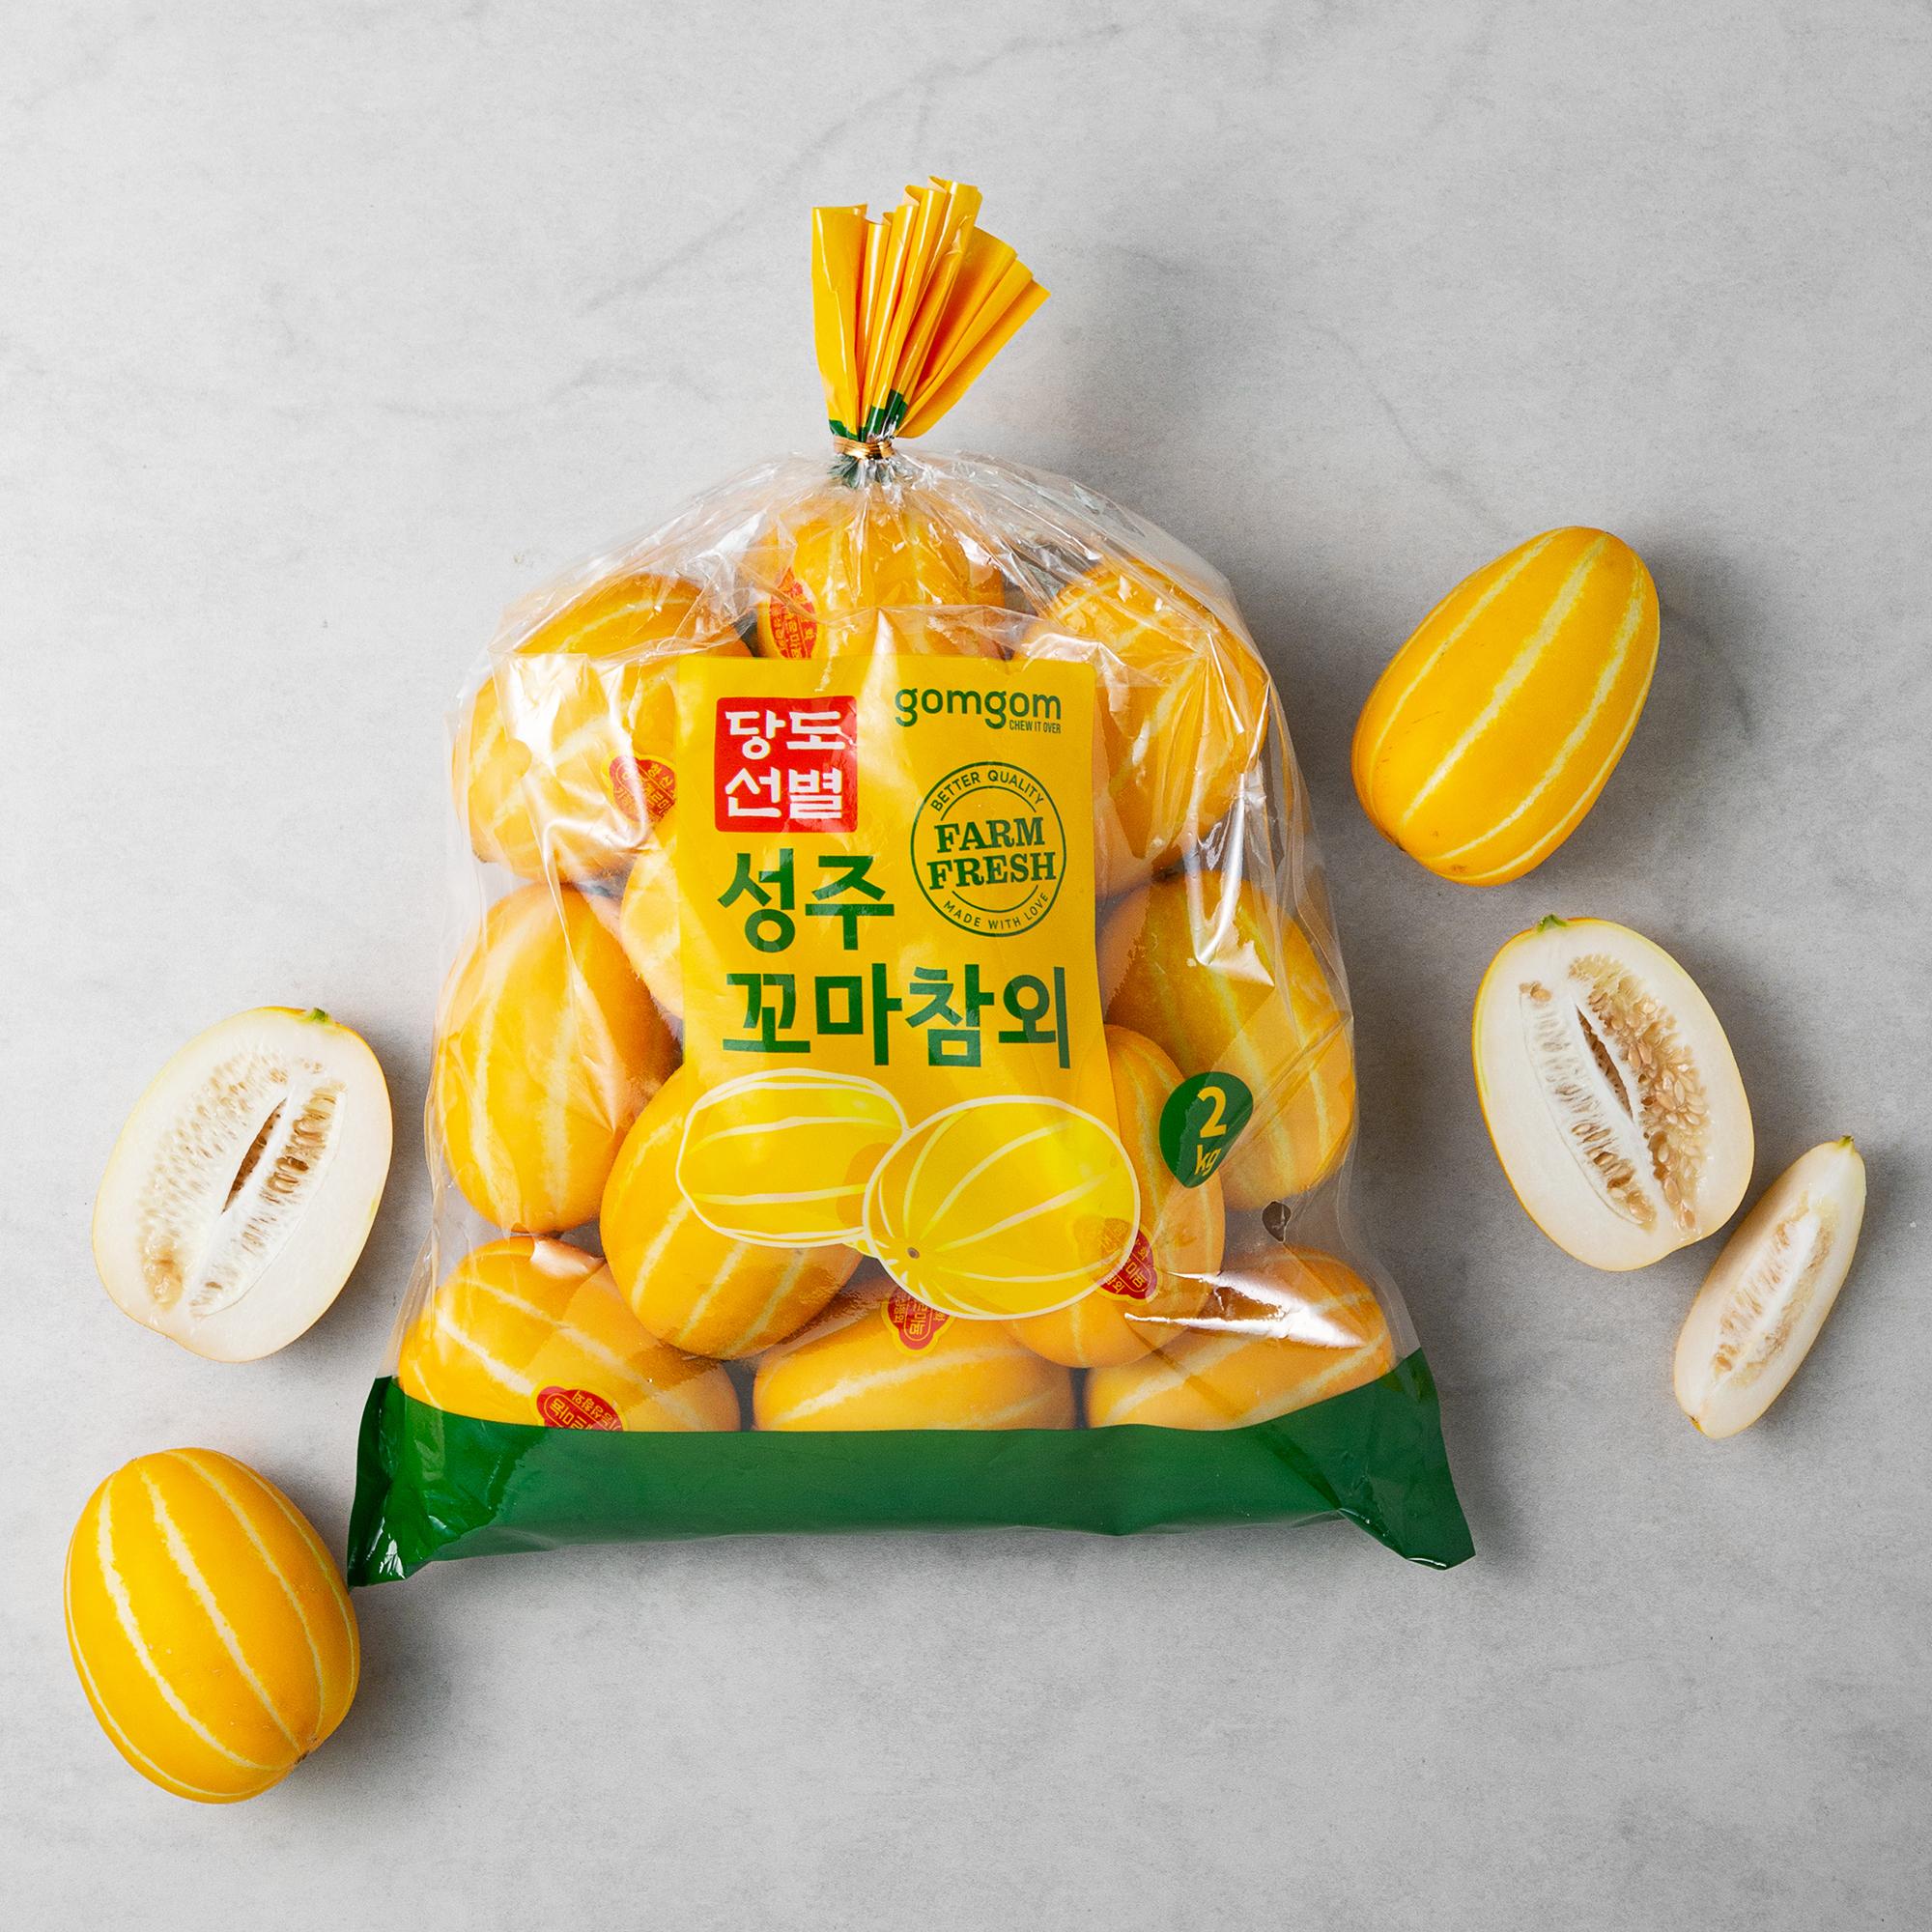 곰곰 당도선별 성주 꼬마참외, 2kg, 1봉